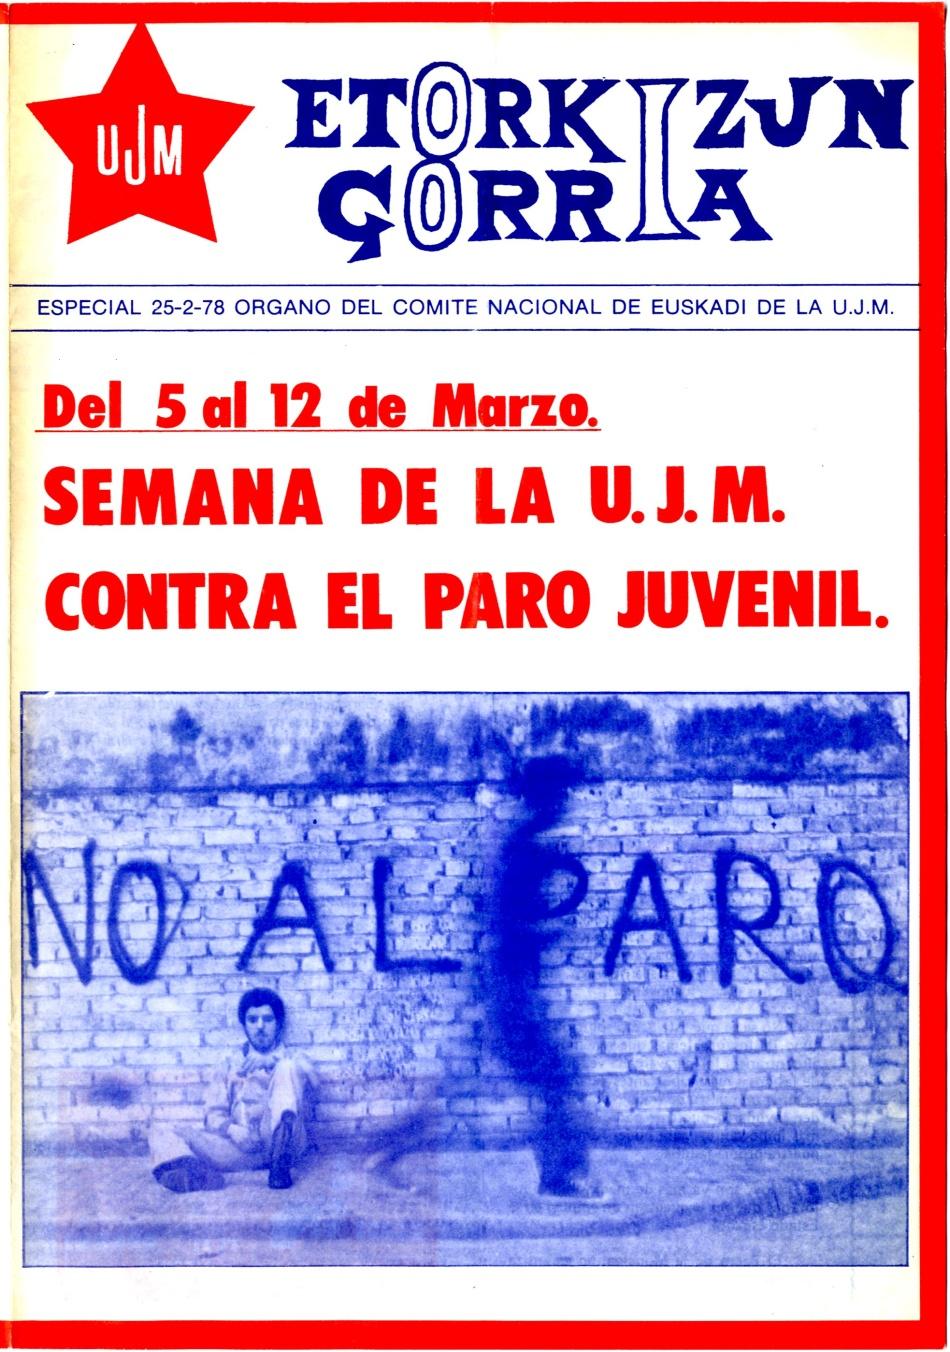 ETORKIZUNA GORRIA, ORT-UJM ,Union de Juventudes Maoistas, Euzkadi, ETORKIZUNA_GORRIA, Autonomia, Amnistia, Askatasuna